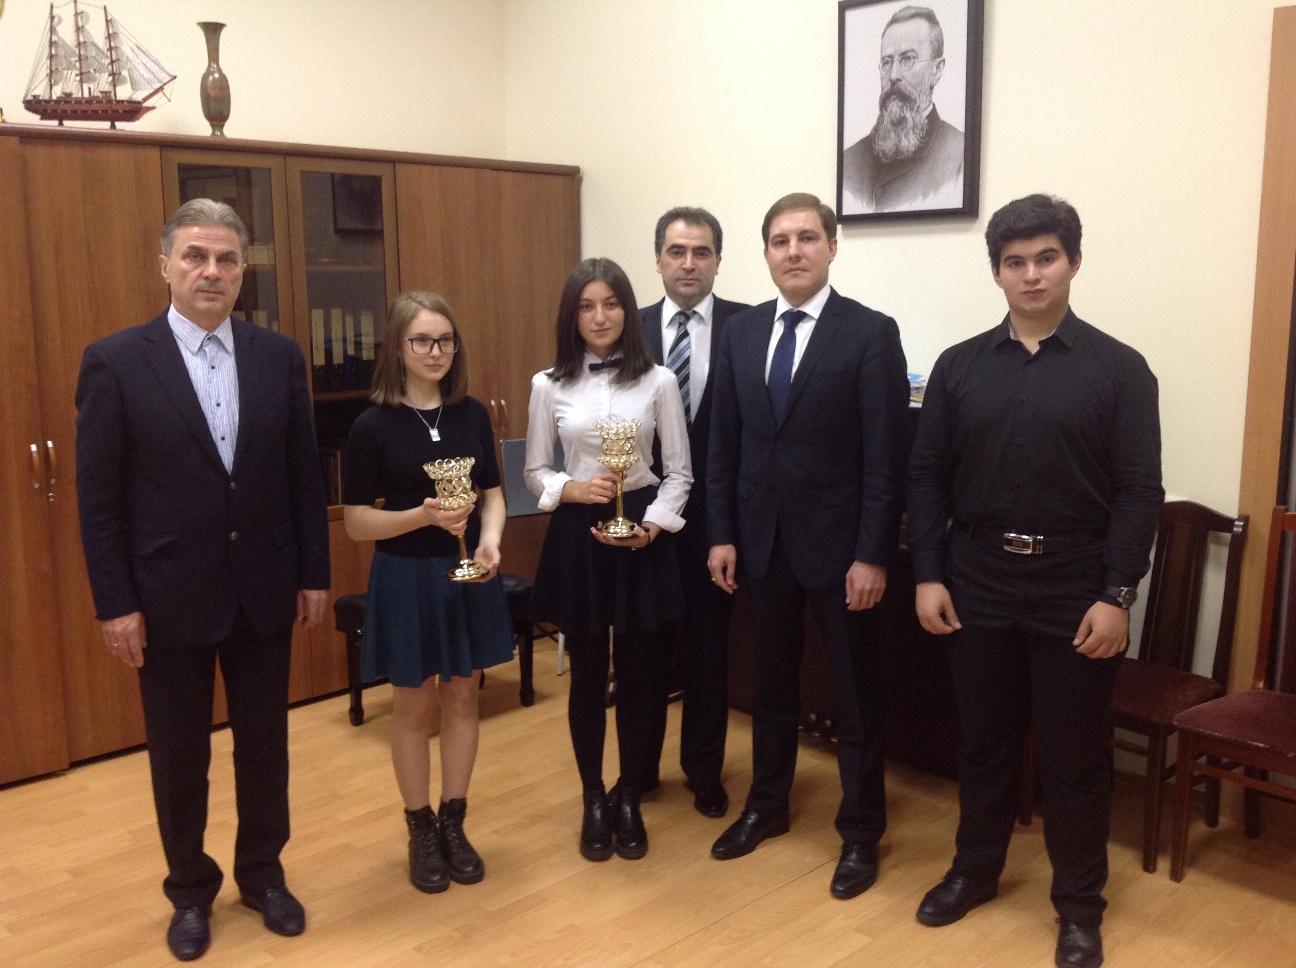 Меценат Игорь Бибилов назначил стипендию студентам из Южной Осетии